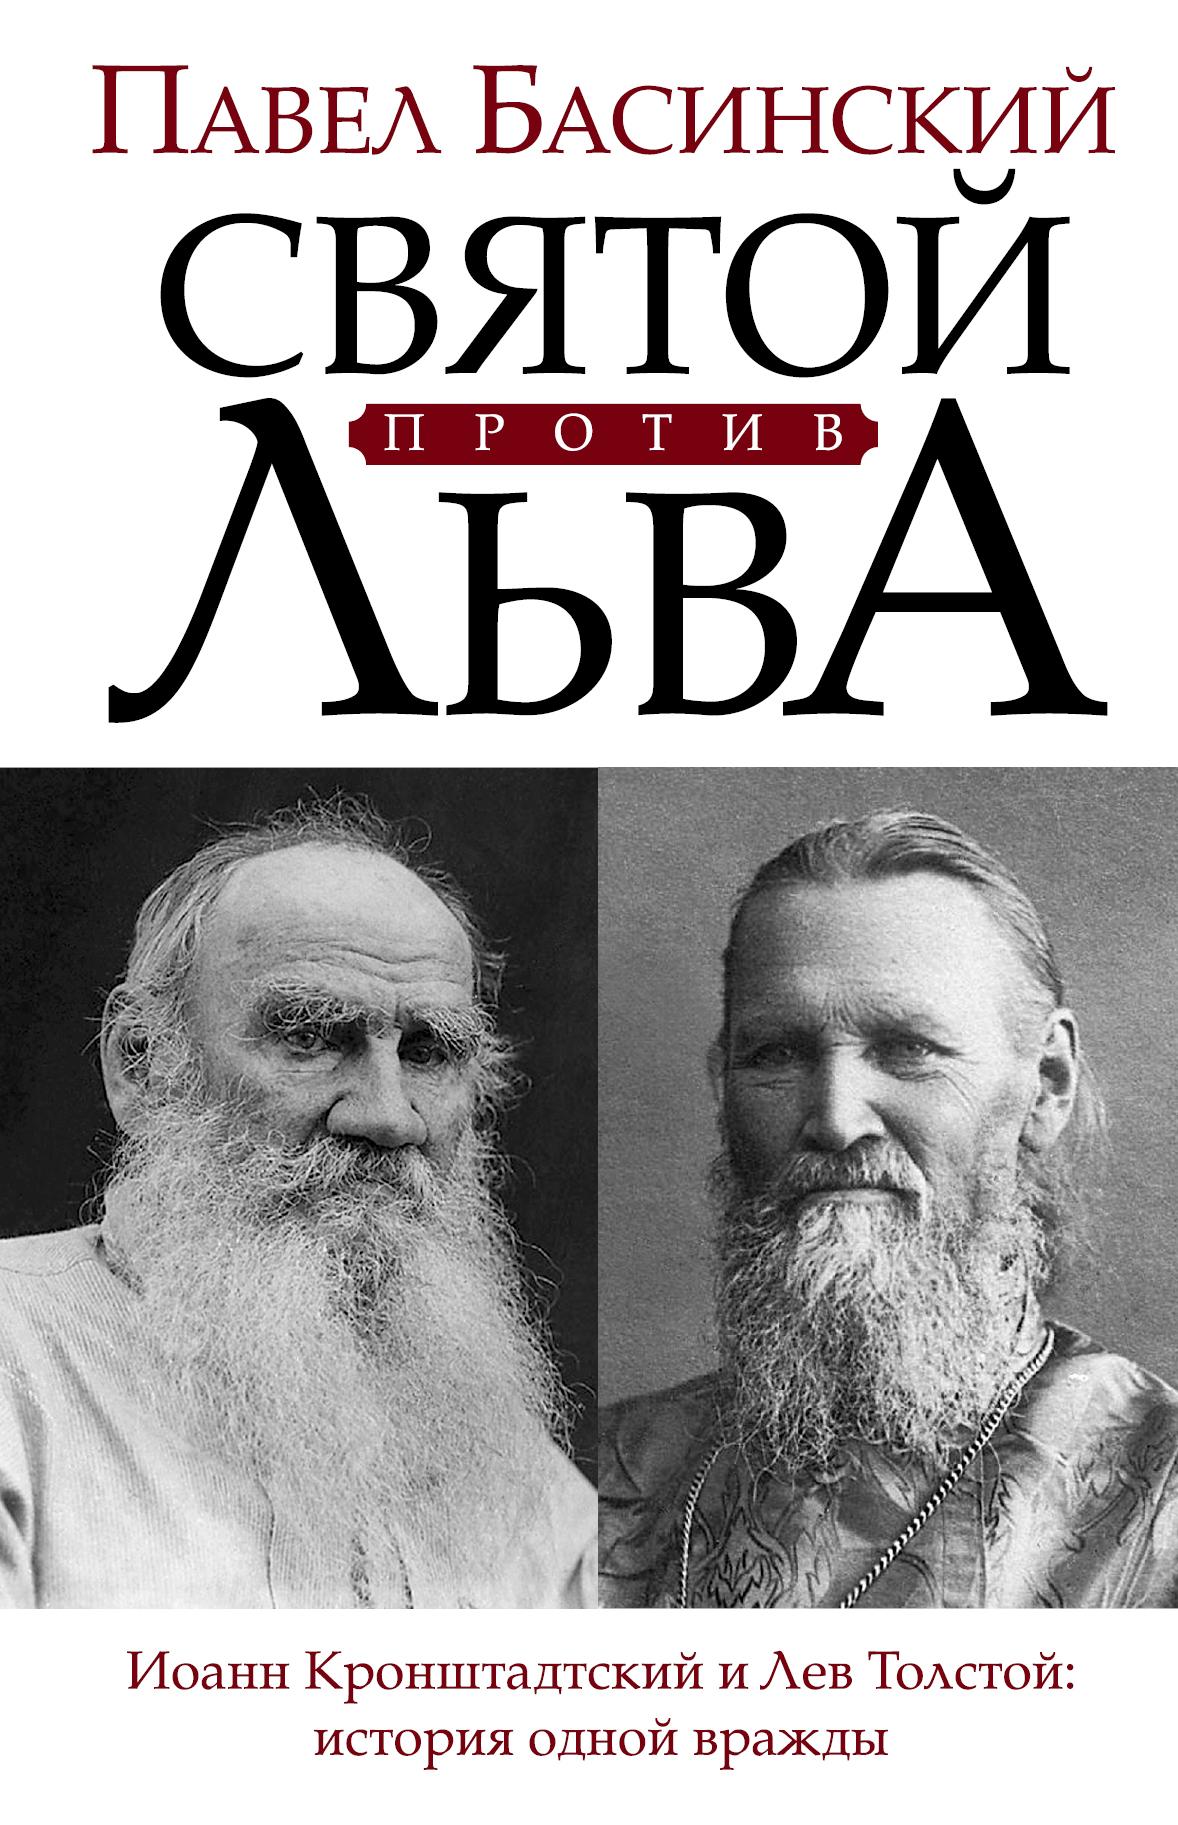 Святой против Льва. Иоанн Кронштадский и Лев Толстой